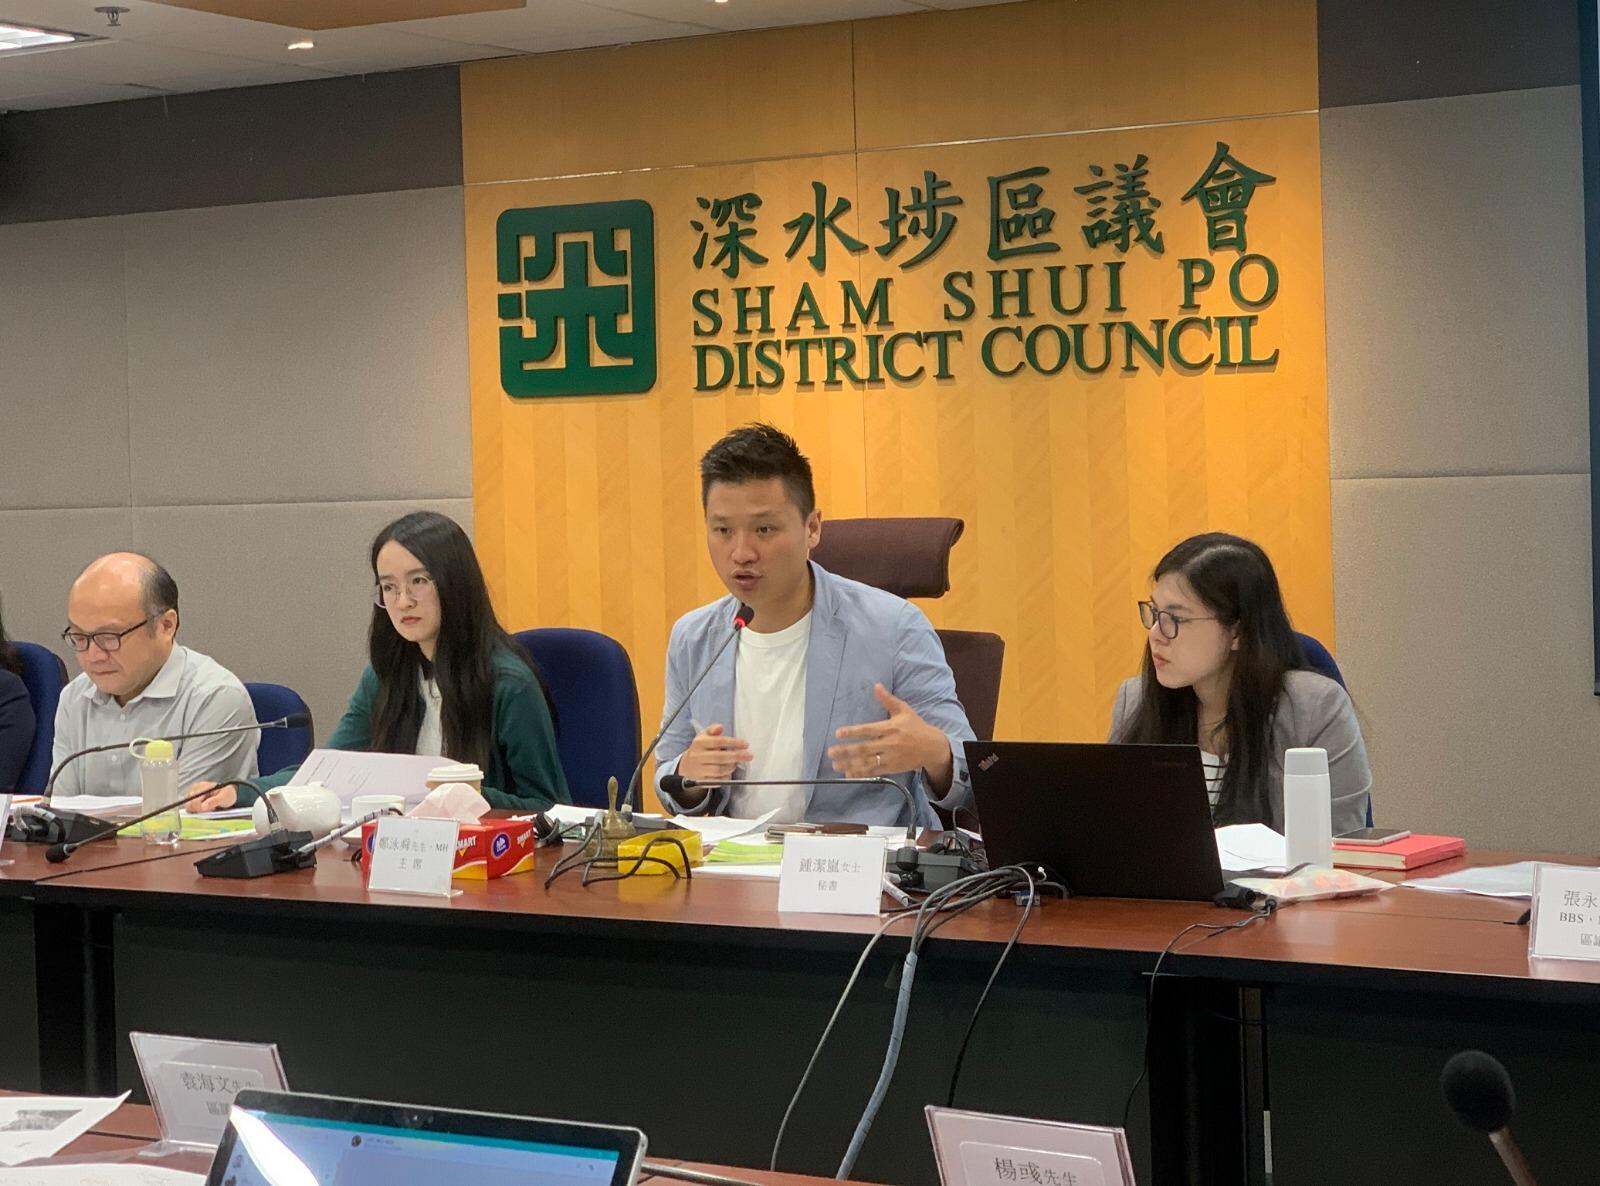 立法会议员、深水埗区议会交通事务委员会主席郑泳舜。